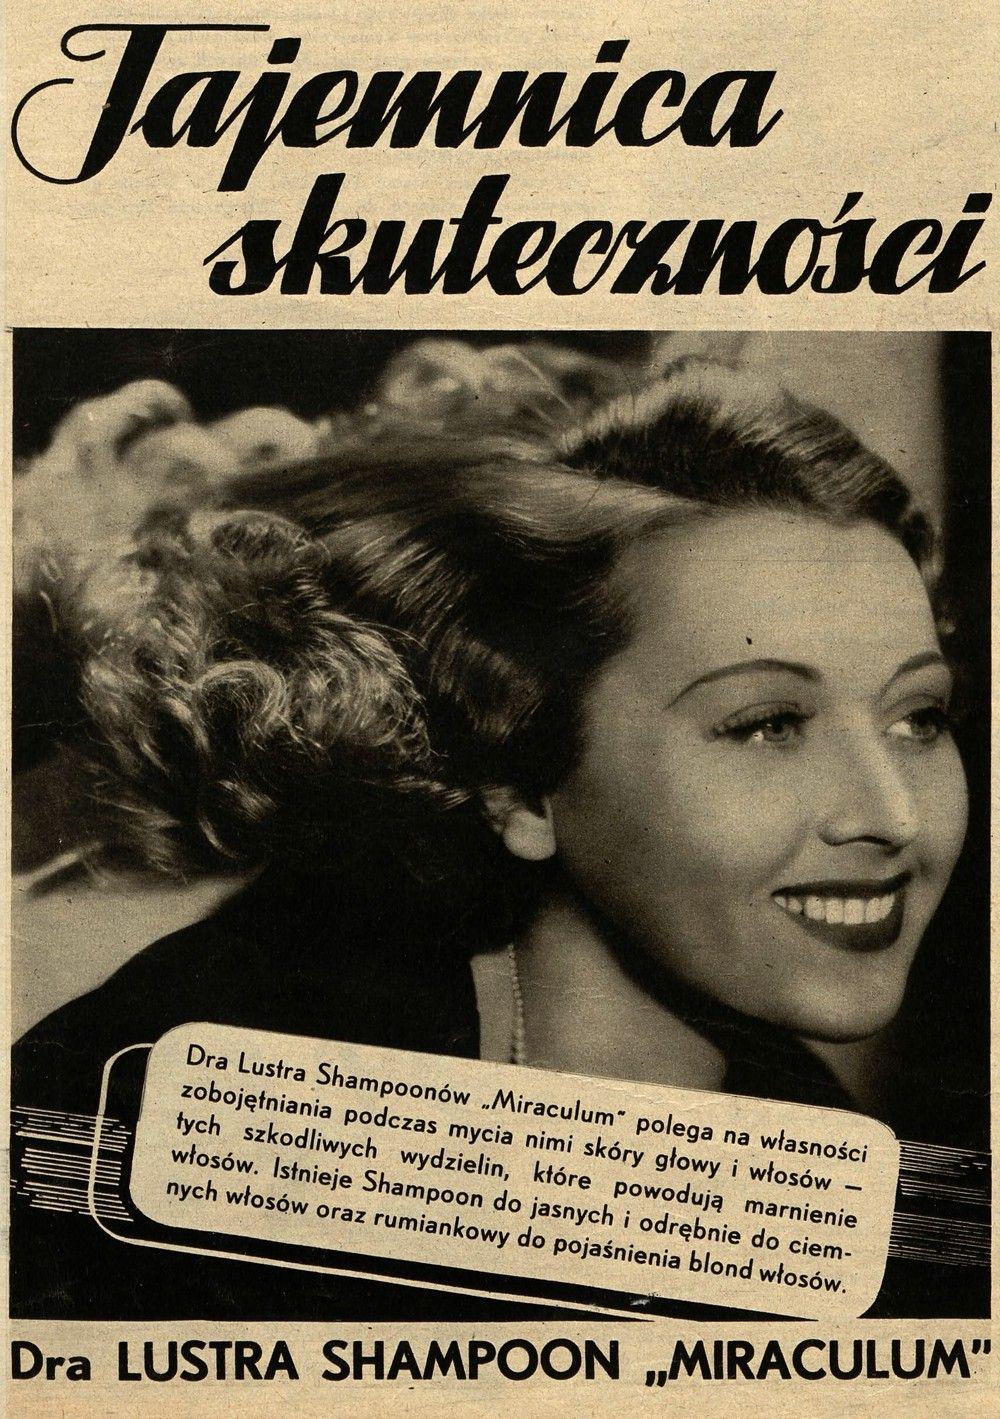 """Leon Luster nie szczędził grosza na reklamę. Tutaj reklama szamponu zamieszczona w jednym z numerów poczytnego """"Światowida"""" (źródło: domena publiczna)."""